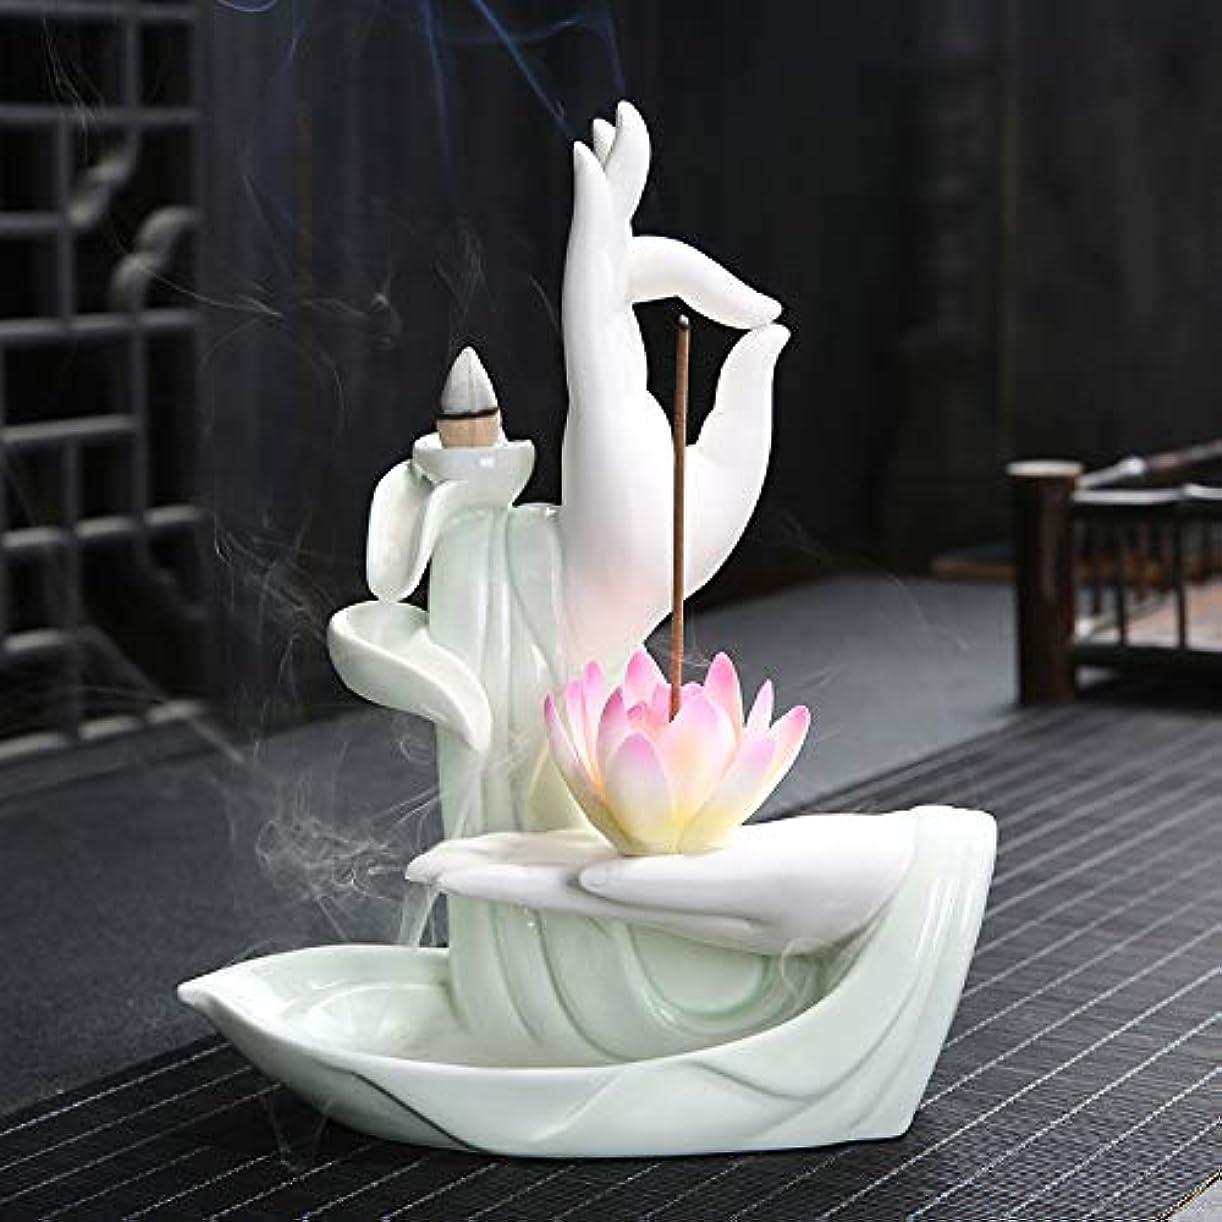 いたずらトラフつぶやき香の棒のホールダーの陶磁器の技術の香炉の陶磁器の滝の香炉の香炉のベルガモットの大きい蓮の香の棒21.2 * 16.5 * 7.8cm